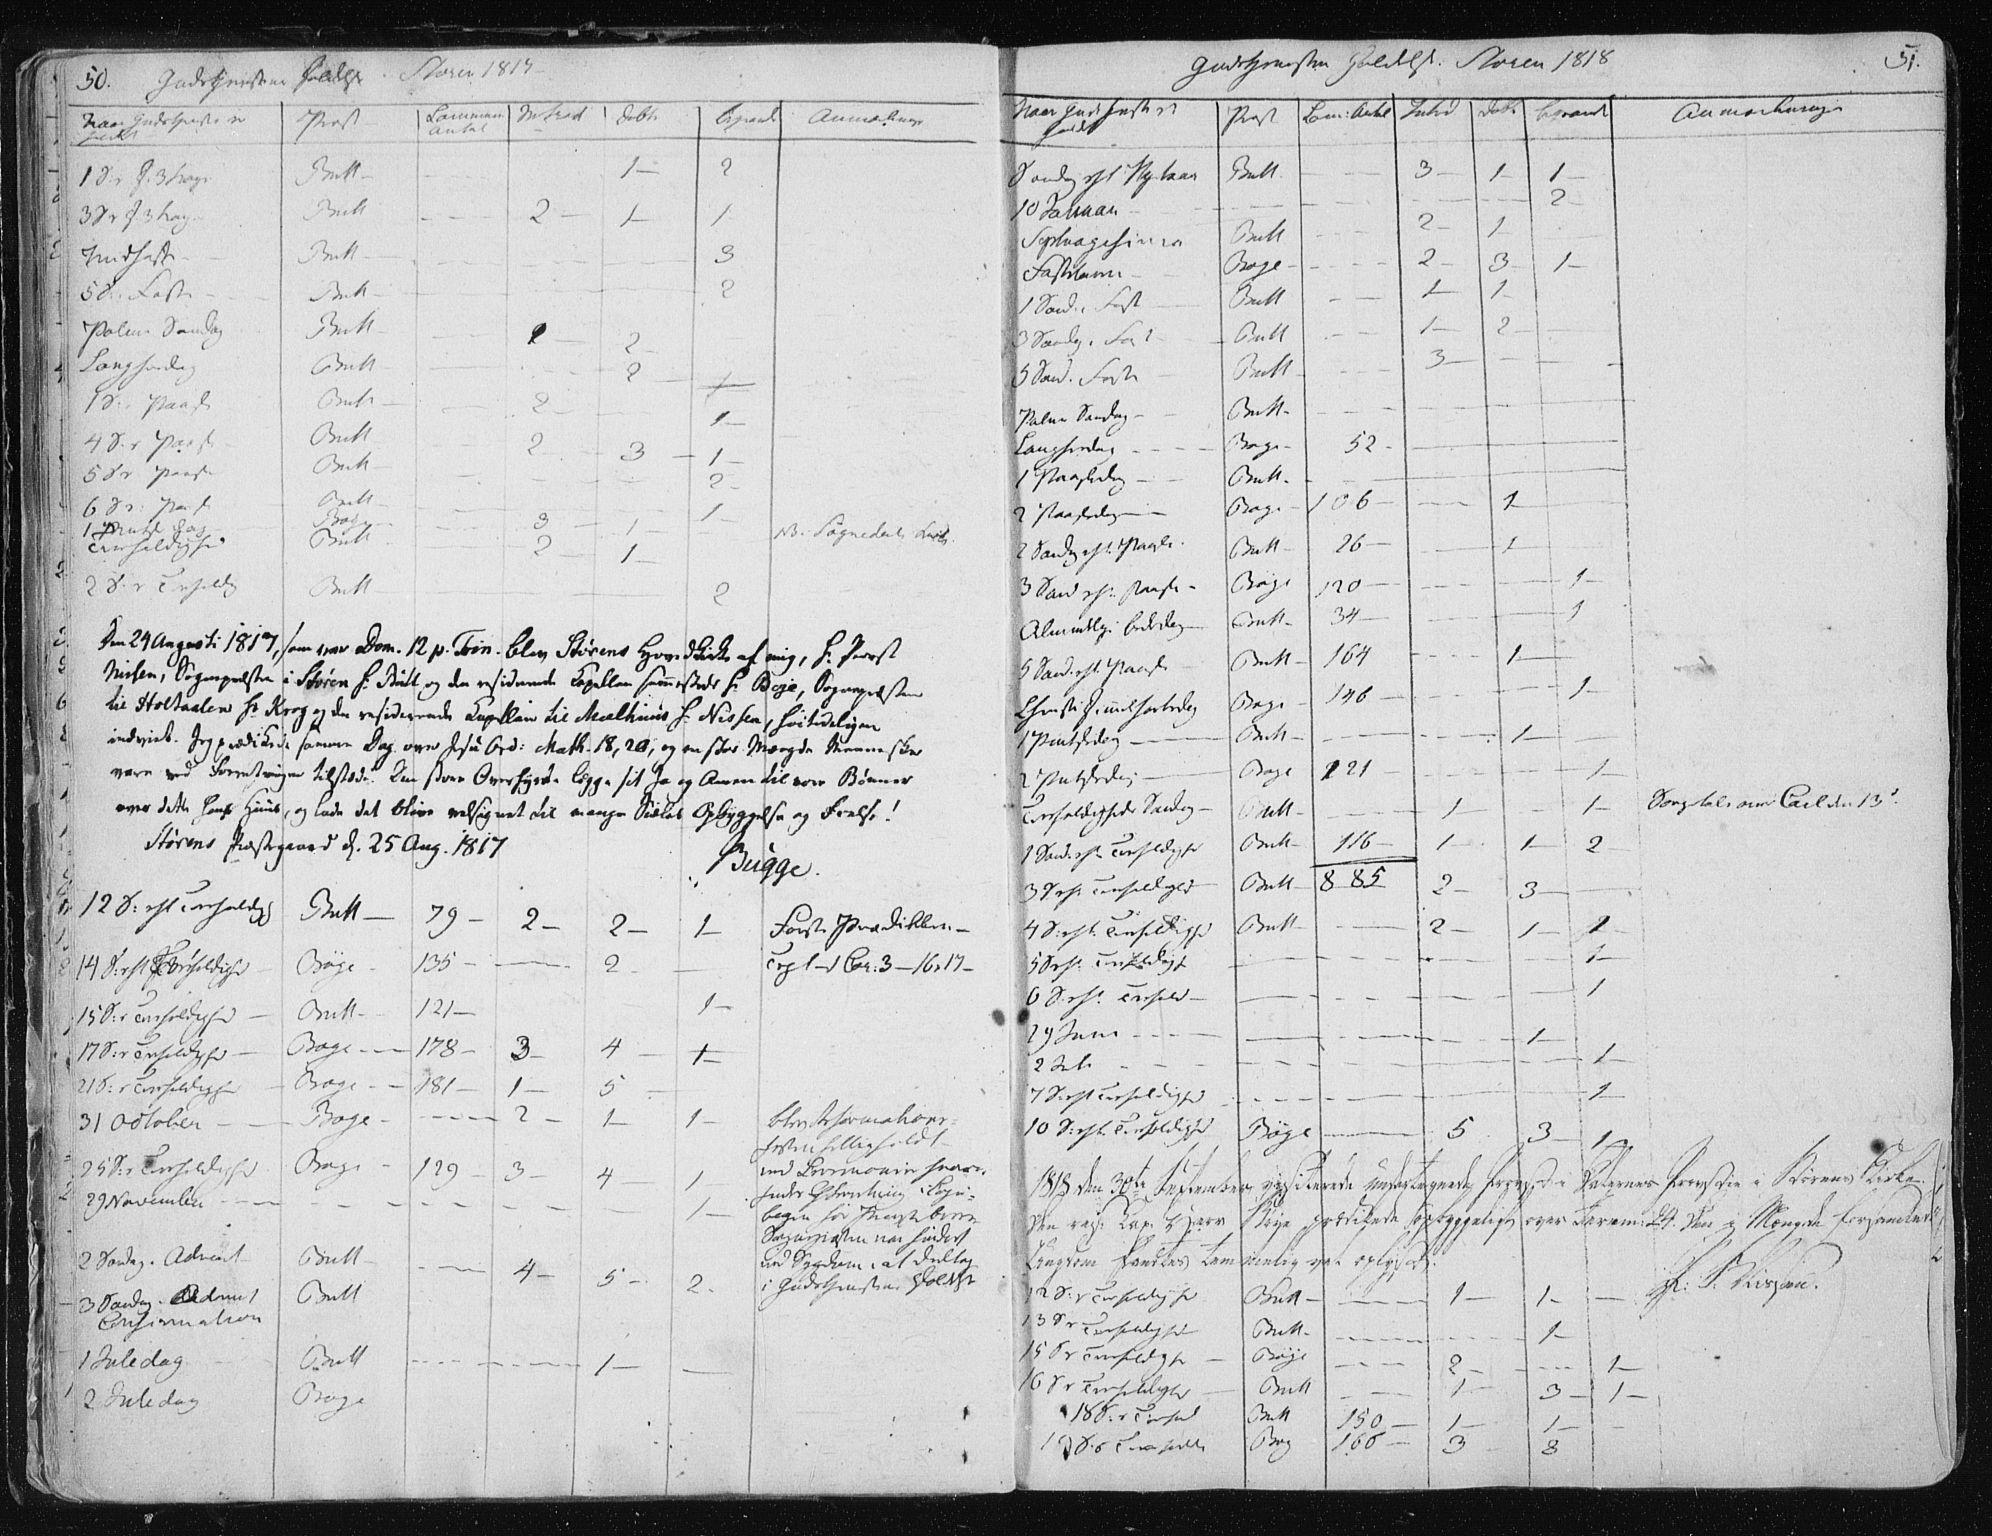 SAT, Ministerialprotokoller, klokkerbøker og fødselsregistre - Sør-Trøndelag, 687/L0992: Ministerialbok nr. 687A03 /1, 1788-1815, s. 50-51